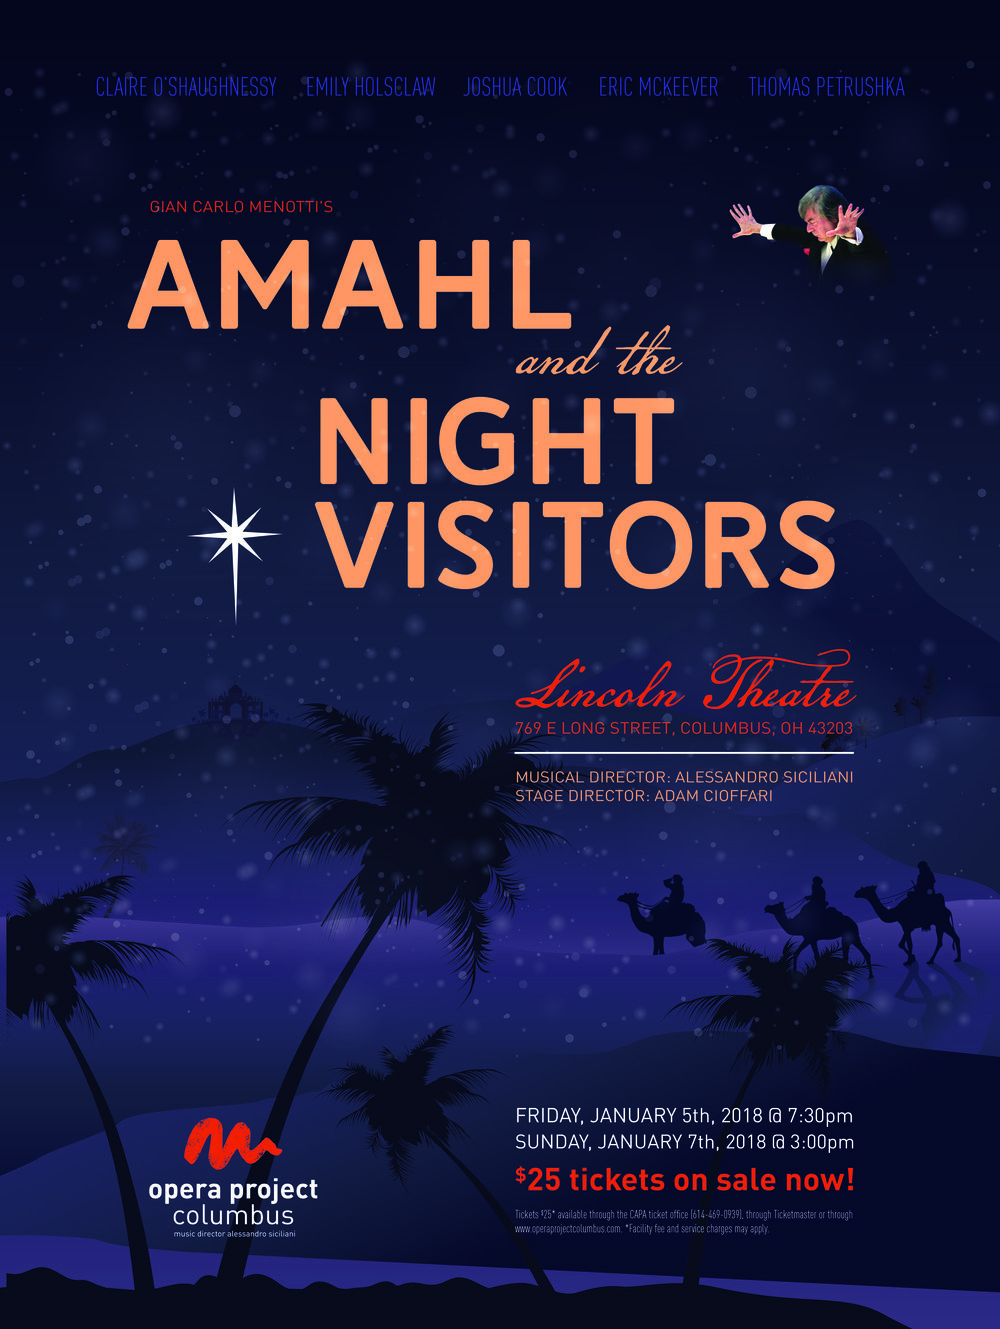 OPC002_Amahl_Poster_Final_18x24.jpg